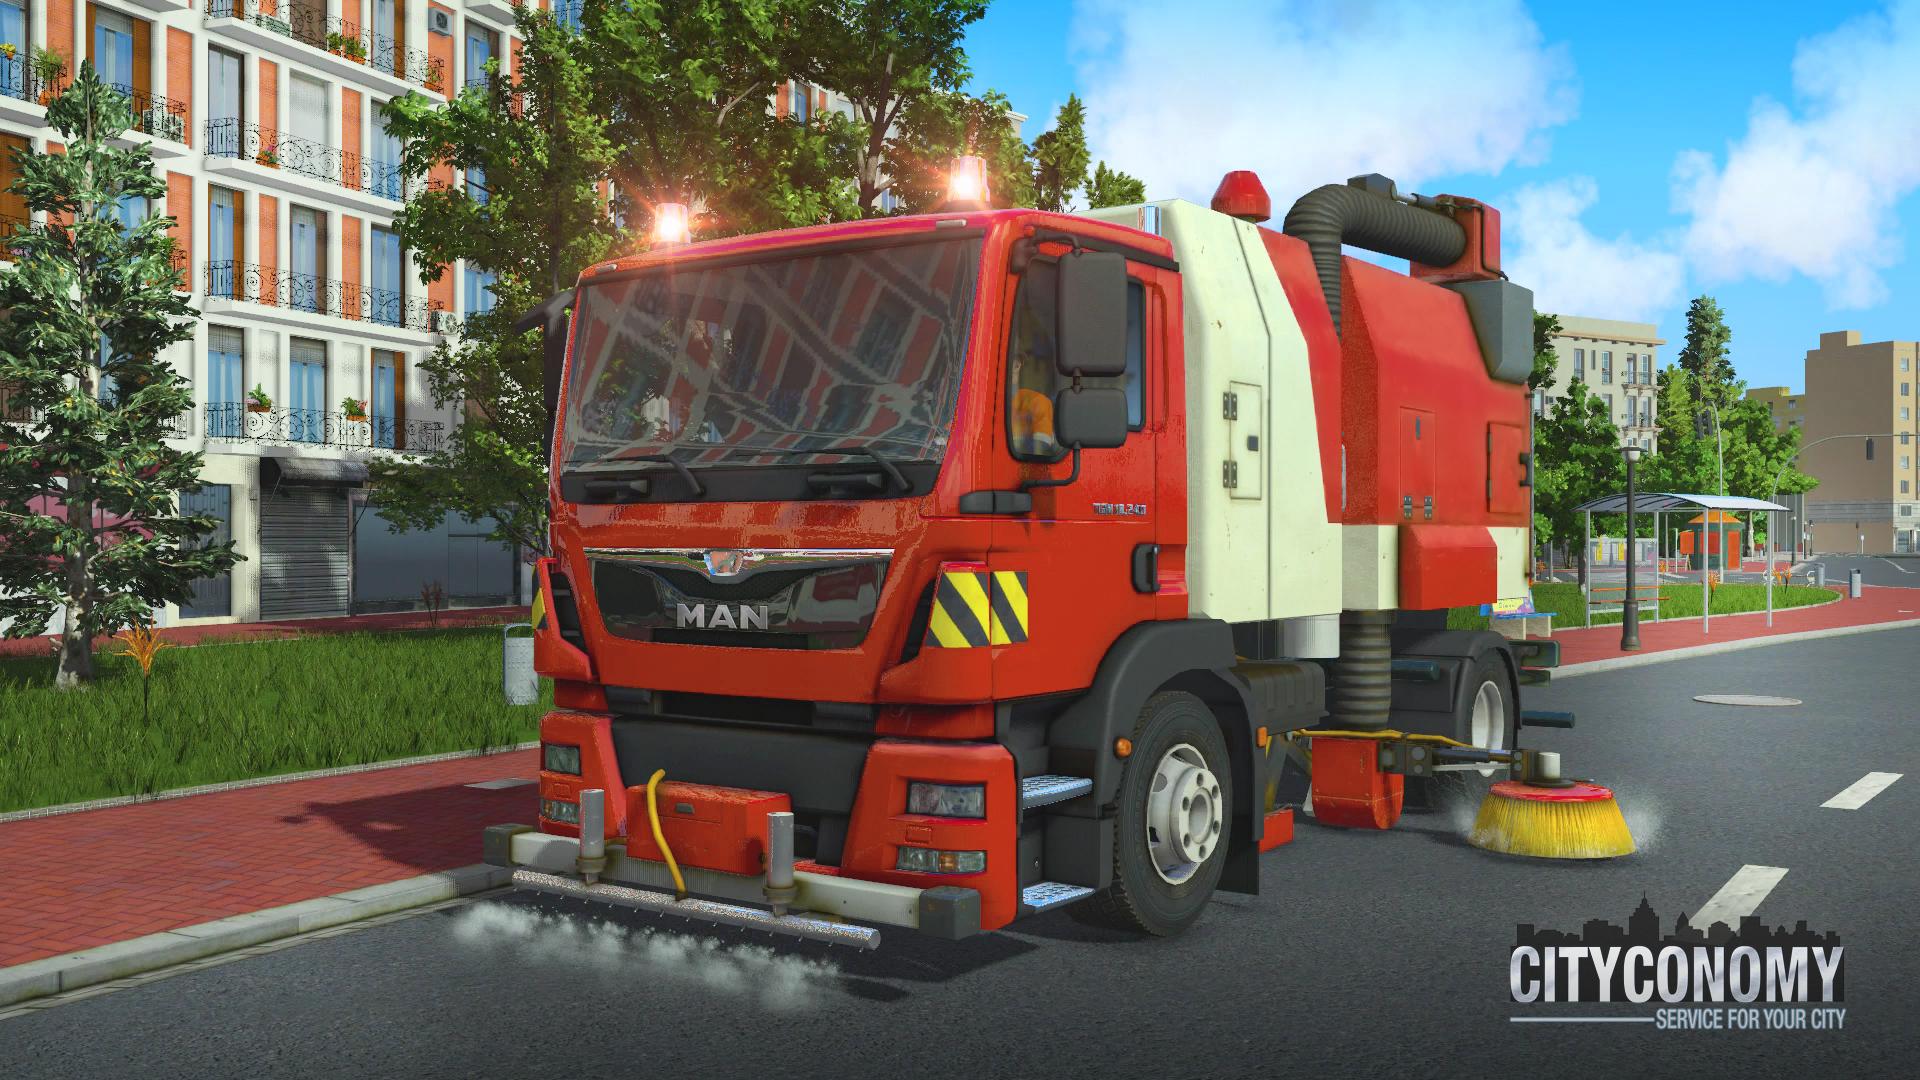 V simulátoru Cityconomy se budete starat o veřejné služby města 116064